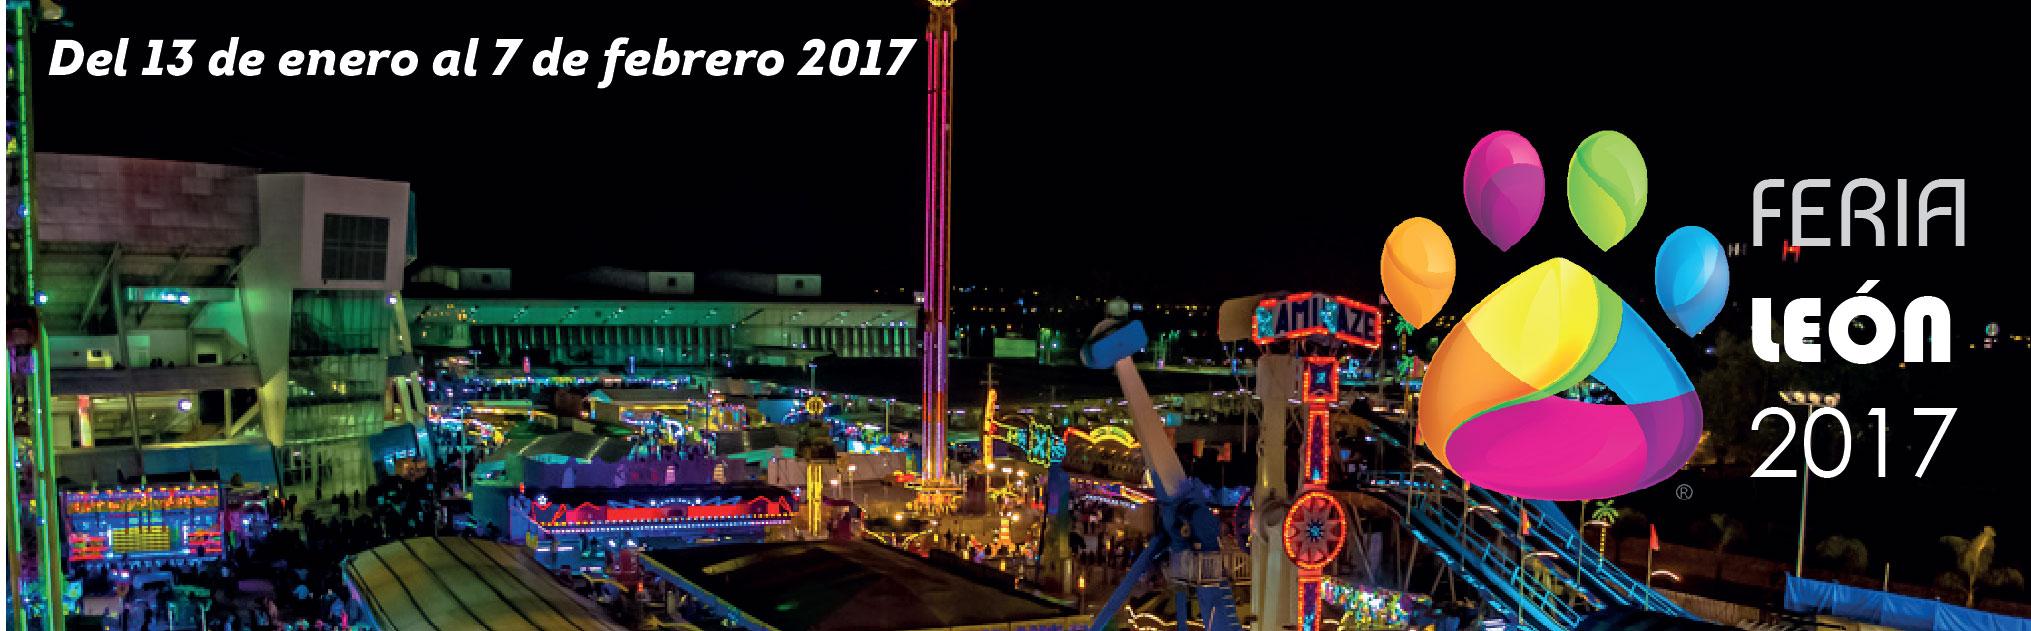 baner feria 2017-01